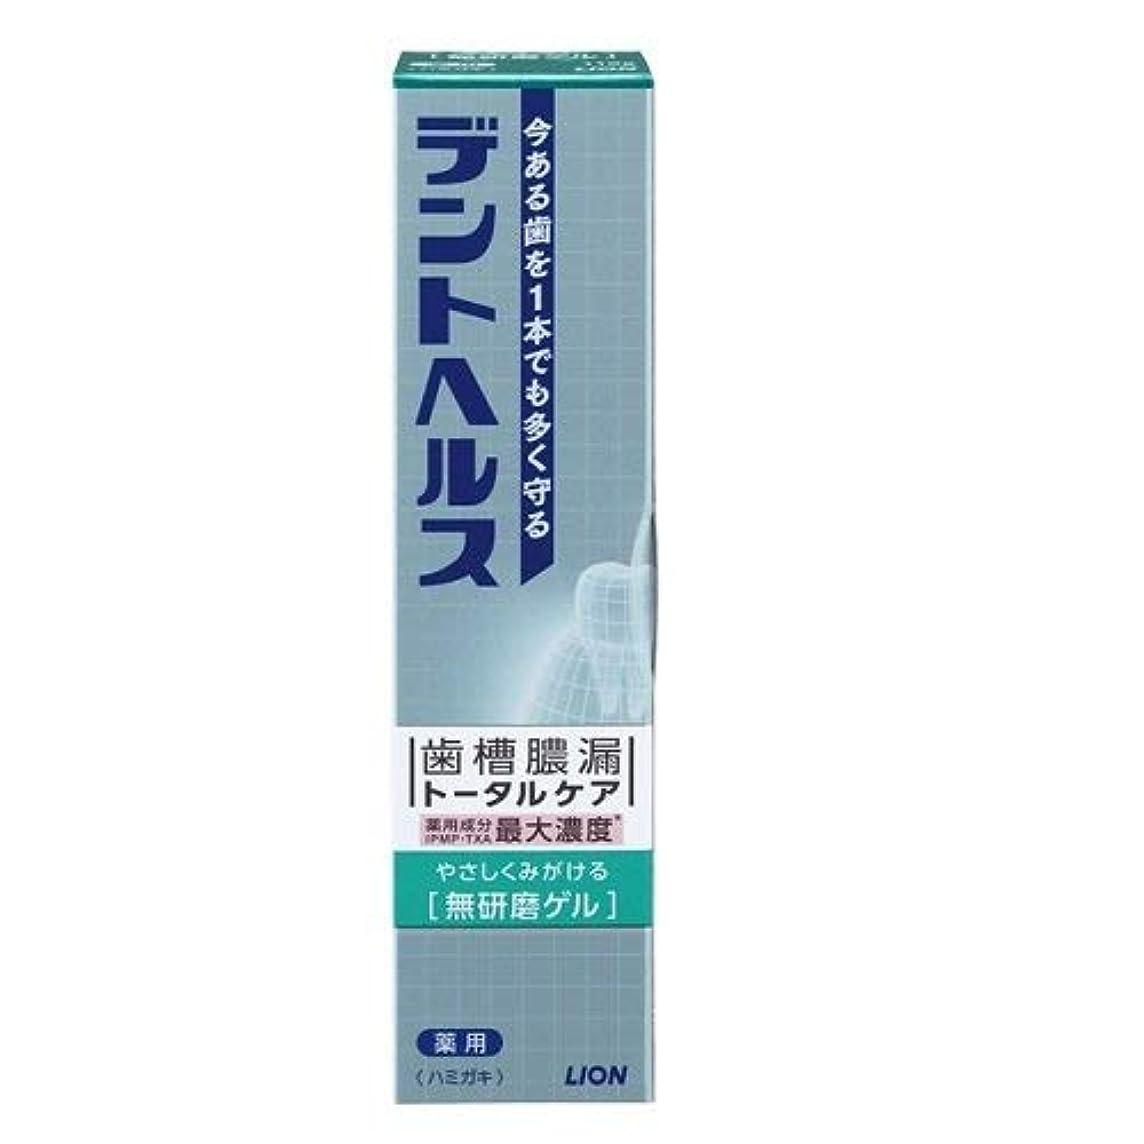 円形の憤る助言するライオン デントヘルス 薬用ハミガキ 無研磨ゲル 115g (医薬部外品)× 4